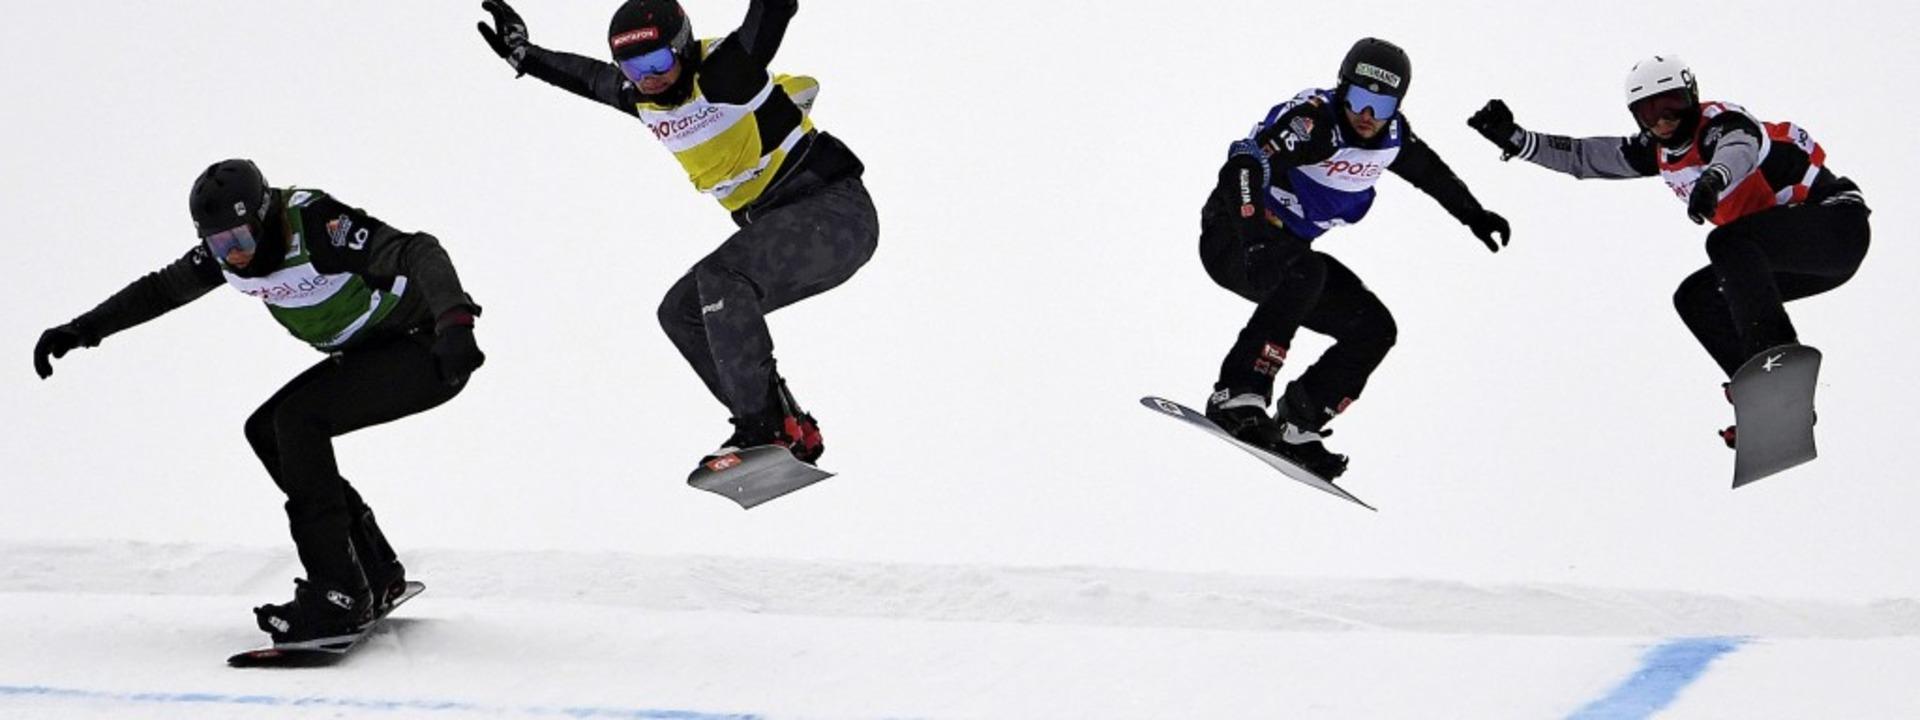 Drei Flugpassagen müssen die Snowboard... Spezialpiste am Feldberg bewältigen.     Foto: DPA (Patrick Seeger)